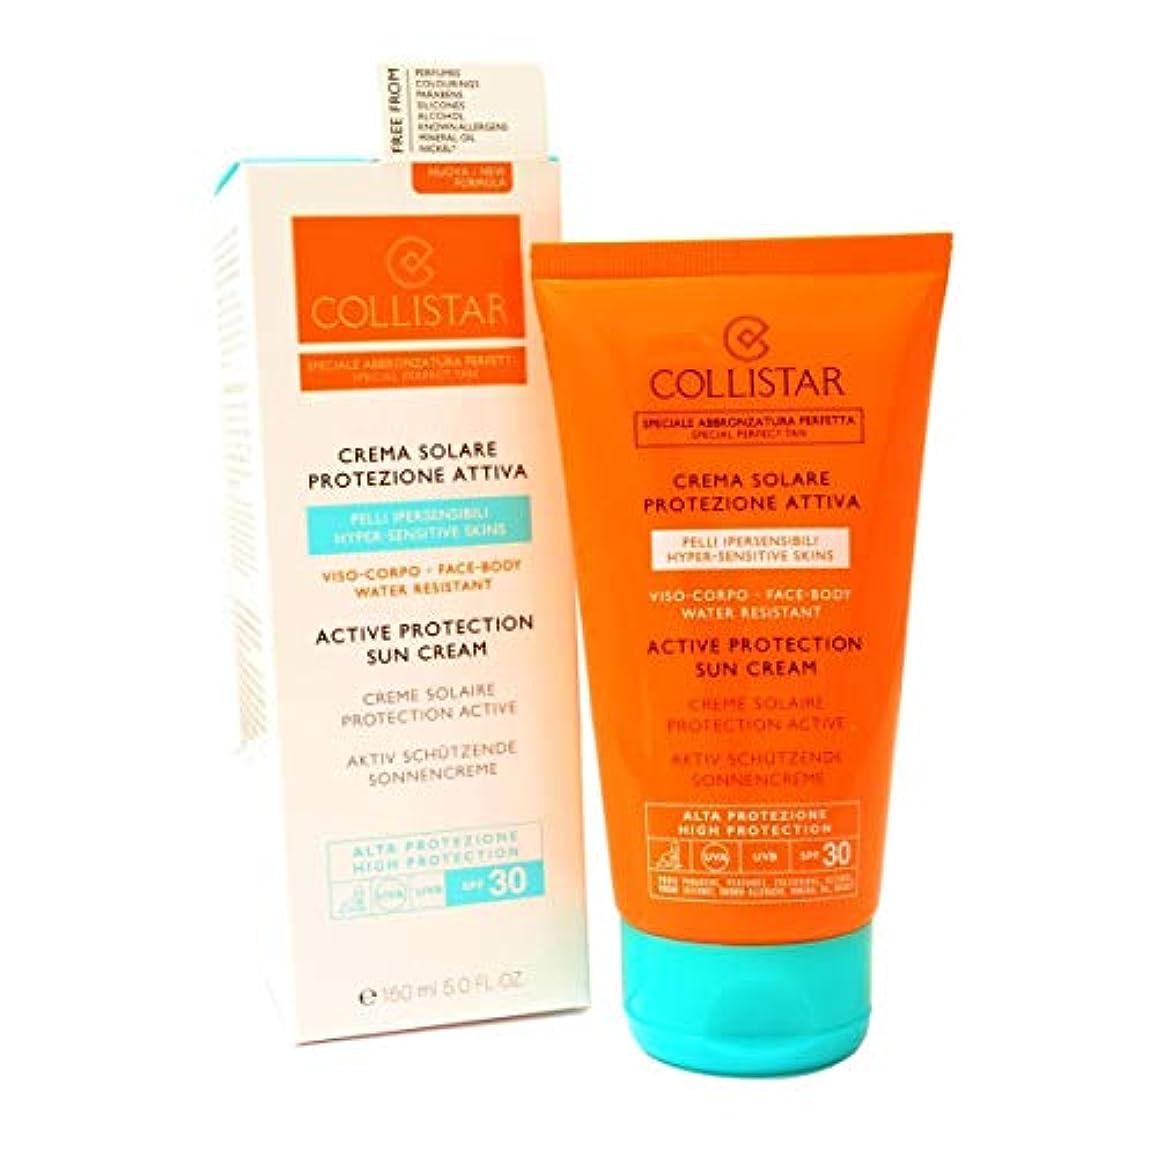 石膏寄付する歴史家Collistar Active Protection Sun Cream Spf30 Face And Body 150ml [並行輸入品]